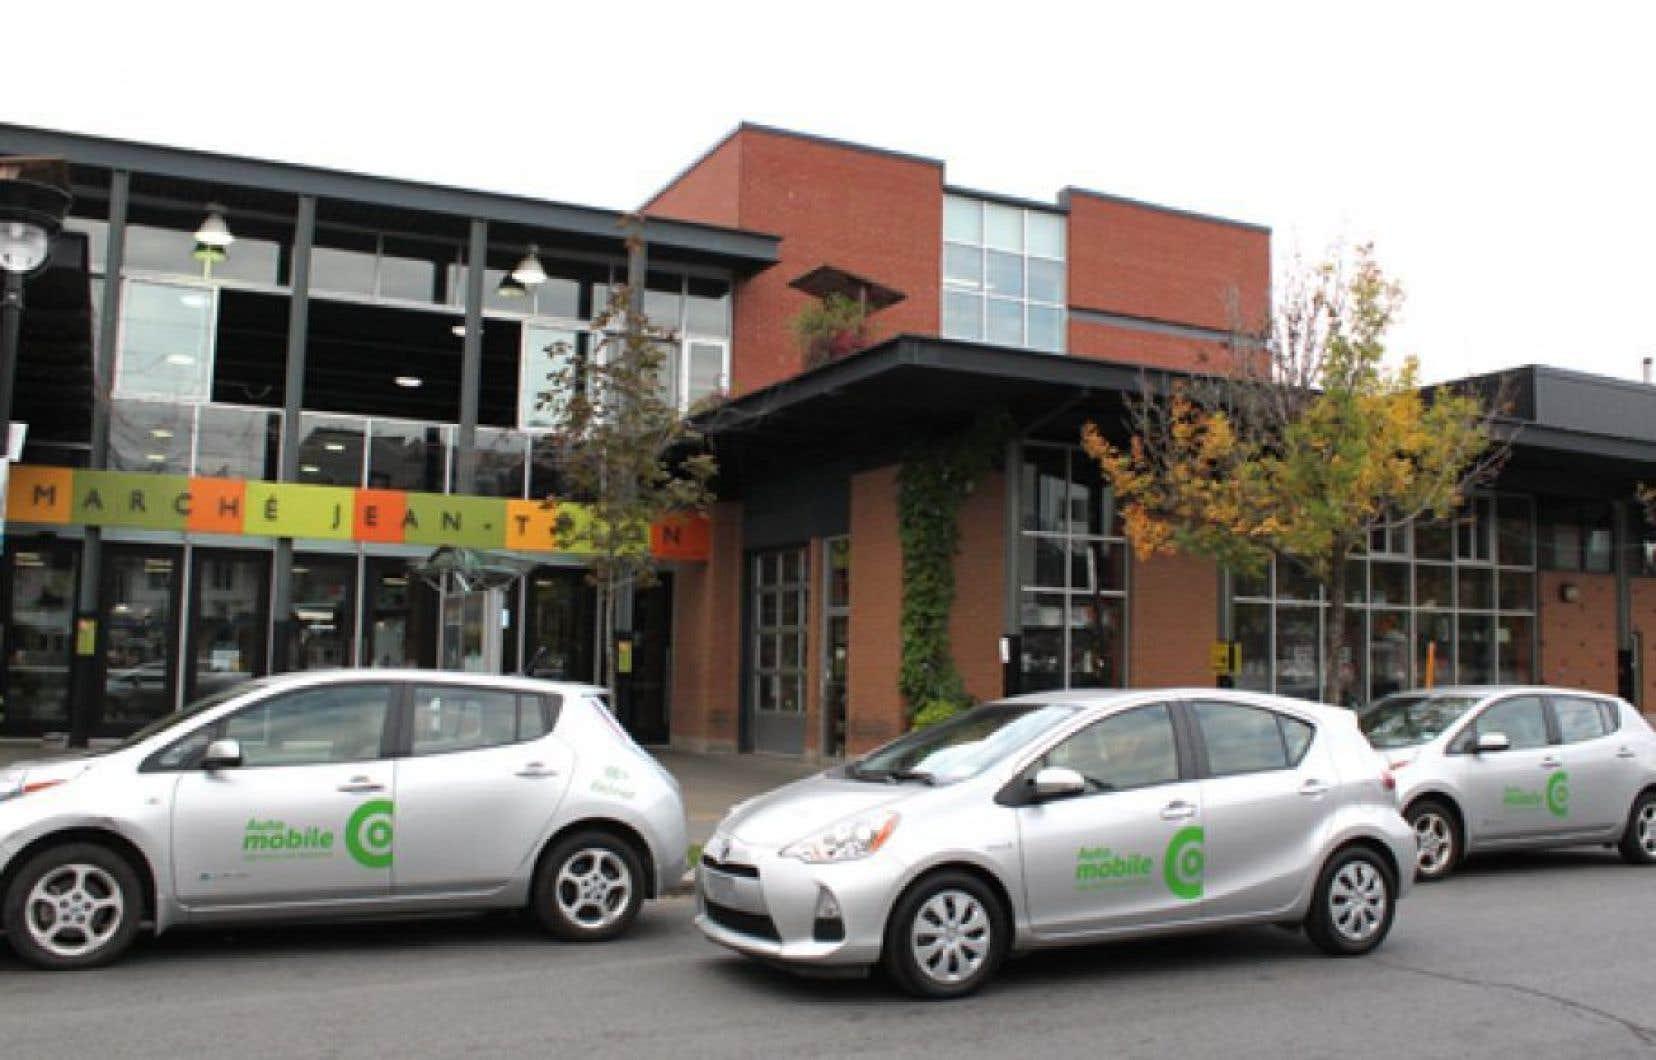 Implanté à Montréal depuis plus d'un an, le système de voitures en libre-service permet aux abonnés d'utiliser une voiture pour de courtes distances sans réserver.